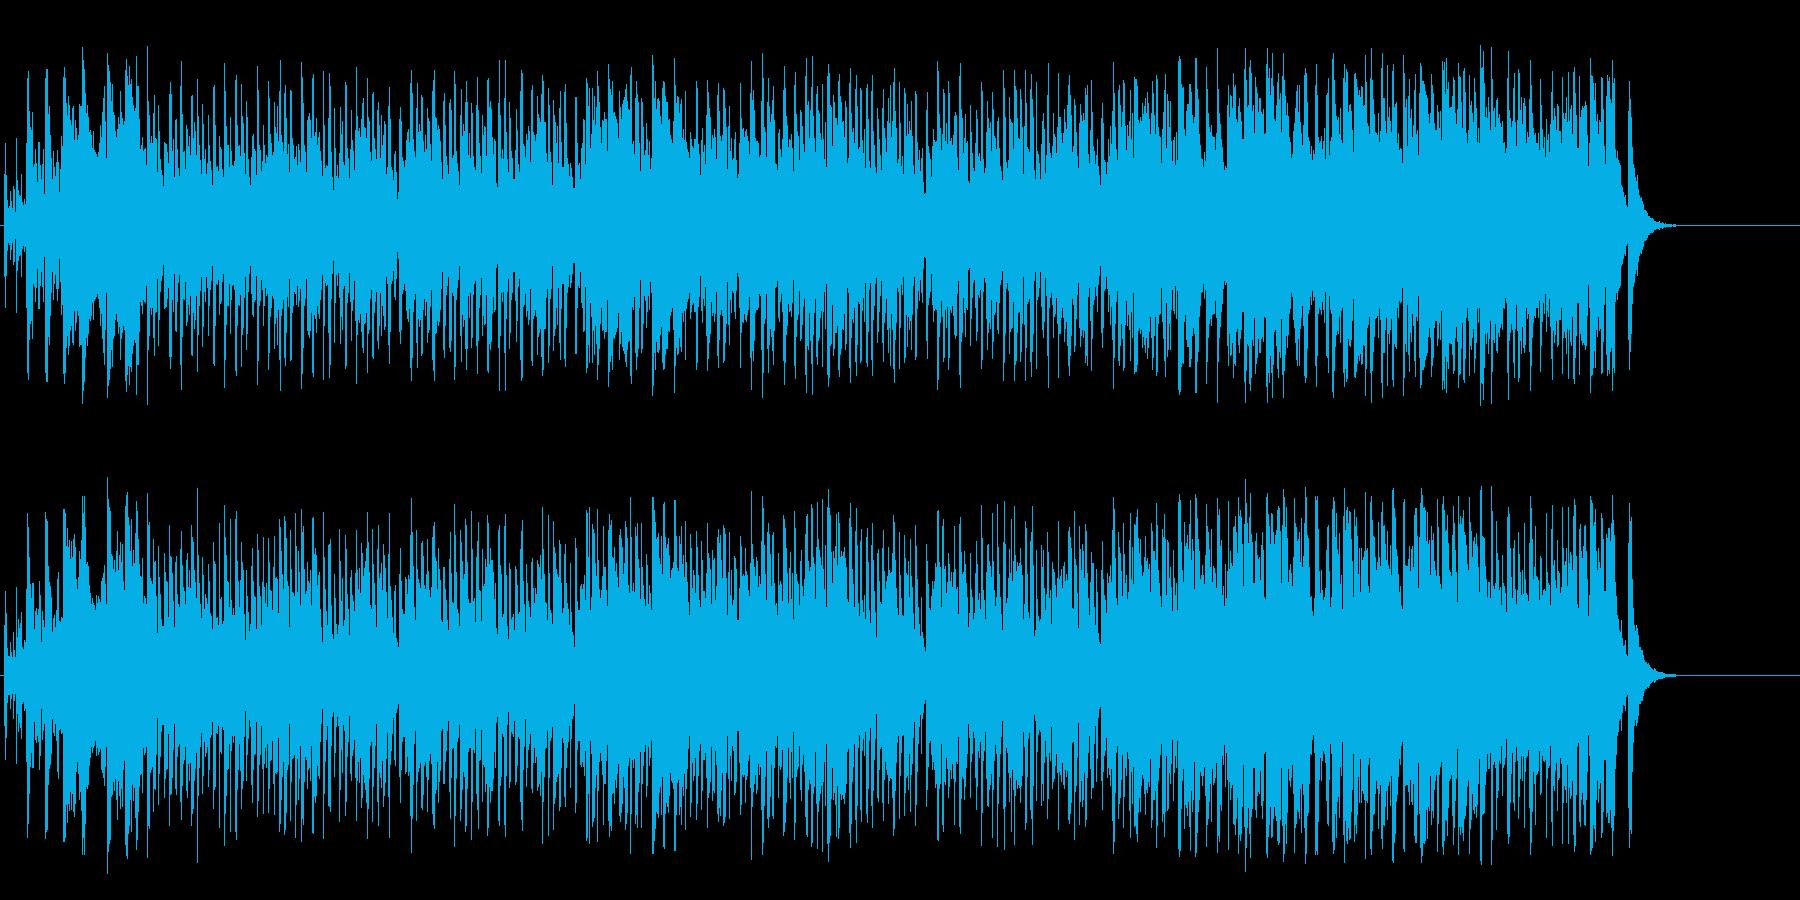 弾みをつける軽快なオープニングのポップの再生済みの波形